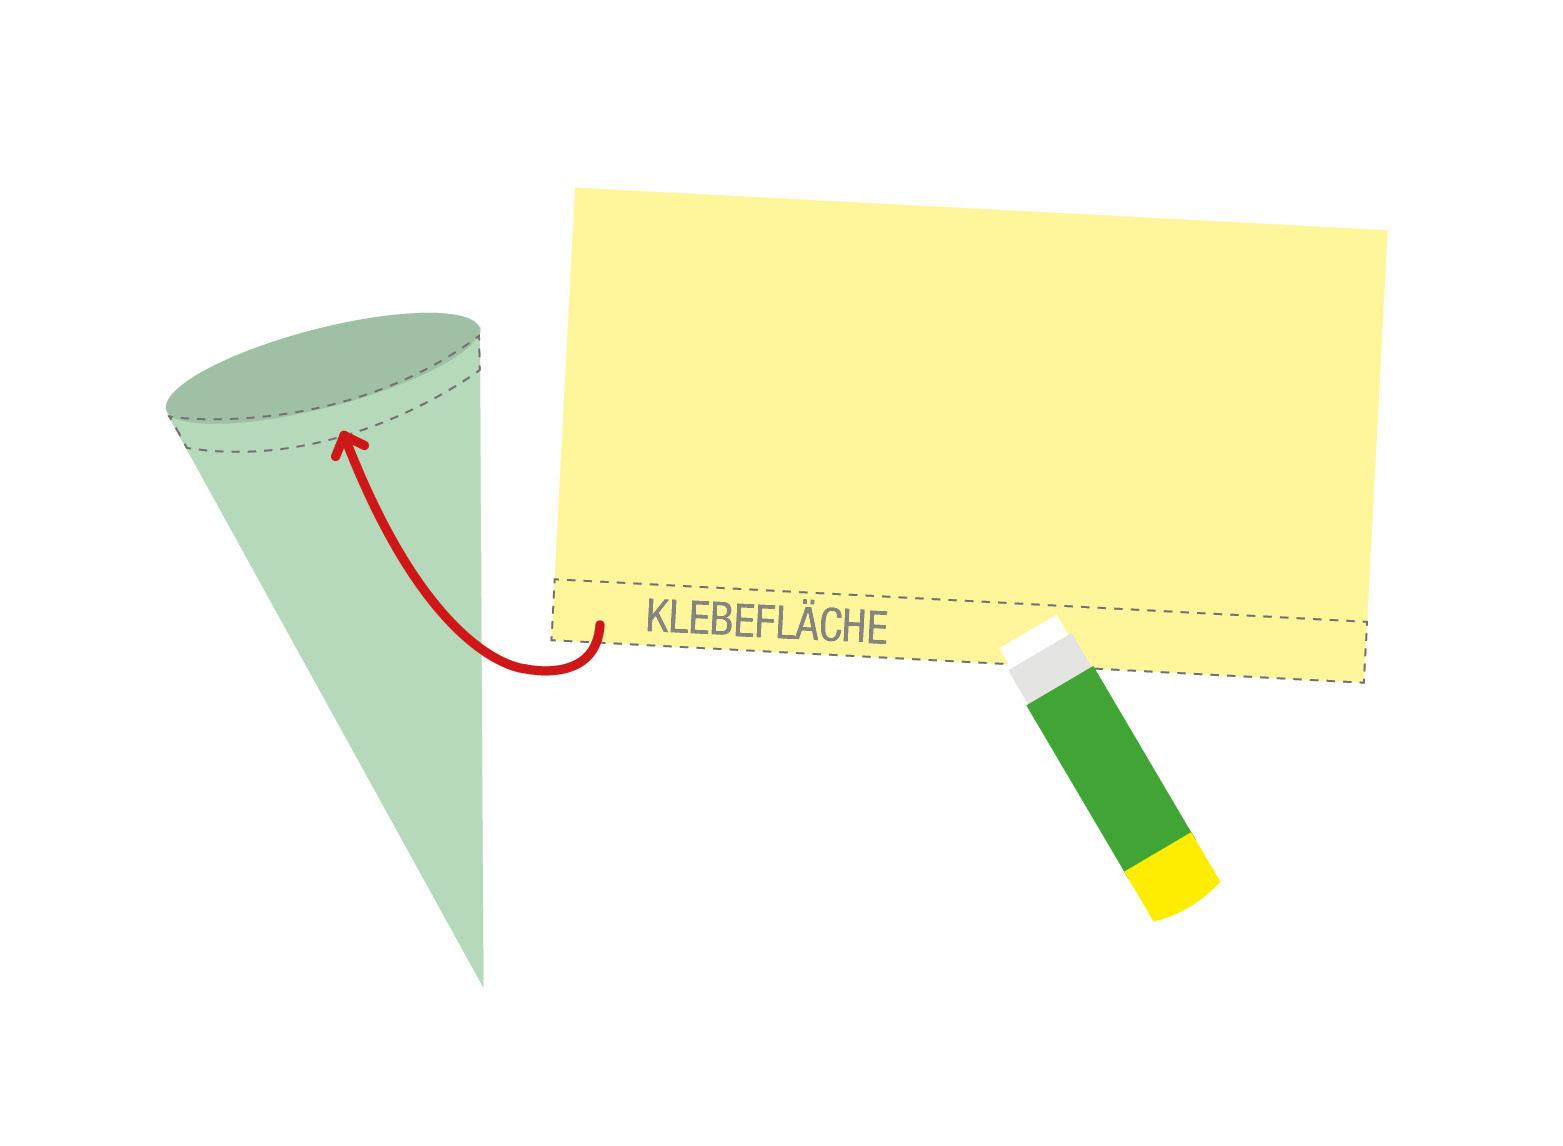 Schritt 5: Nehmen Sie Krepppapier oder Stoff zur Hand. Das Stück kann gerne etwas Länger sein, als die obere Kante des Kegels. So bleibt später keine Öffnung. Tragen Sie an der unteren, langen Kante Kleber auf und befestigen den Stoff entweder von außen oder von innen am Rand des Kegels.